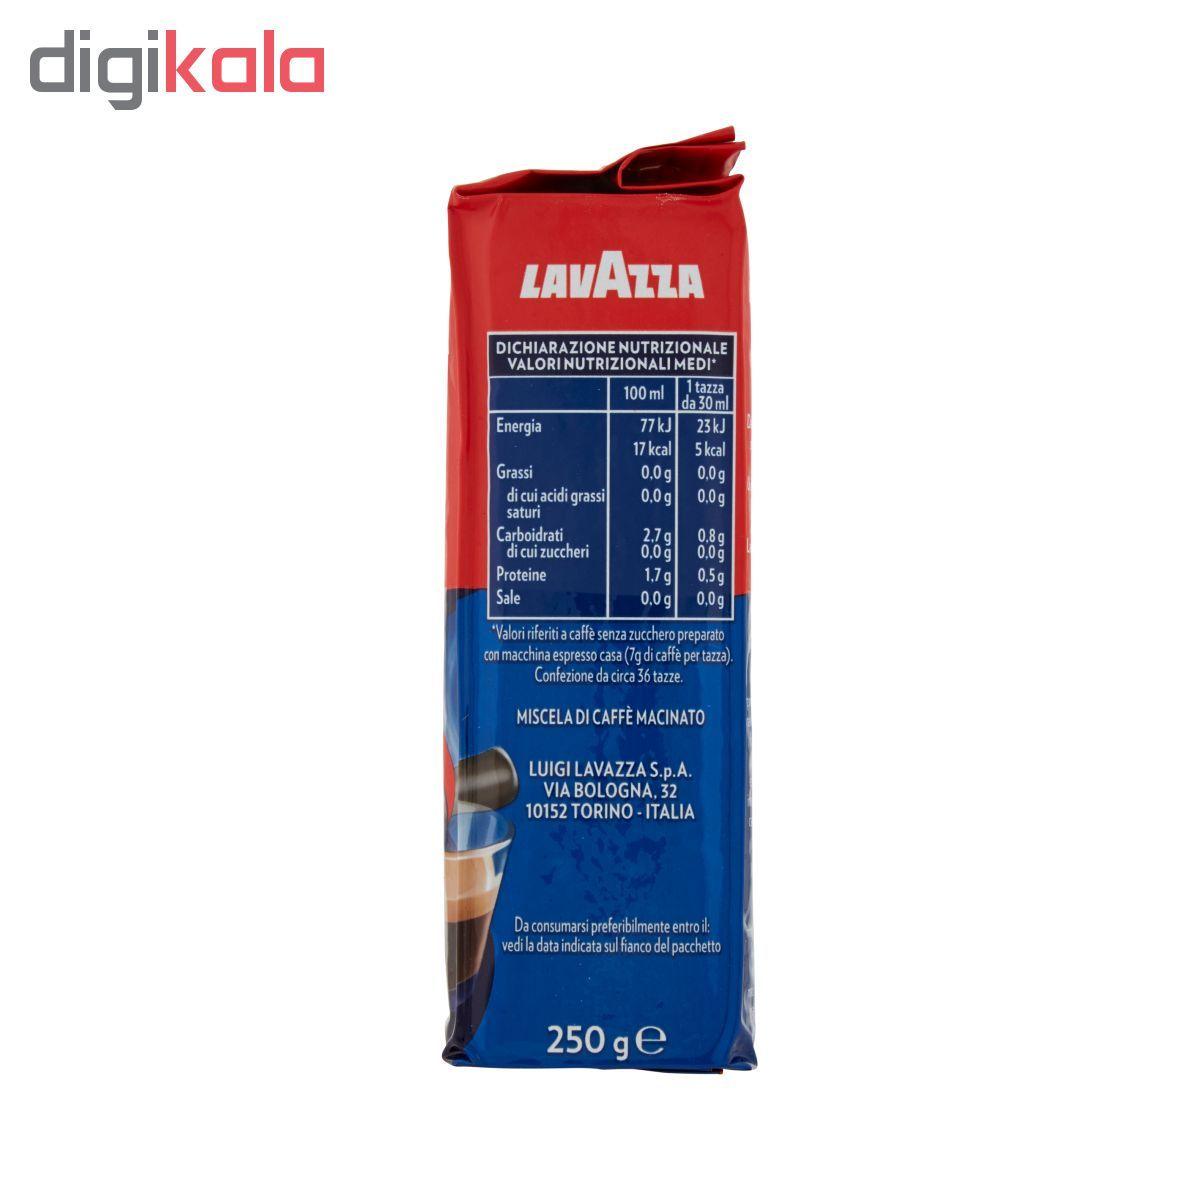 پودر قهوه لاواتزا مدل Crema e Gusto Classico مقدار 250 گرم main 1 2